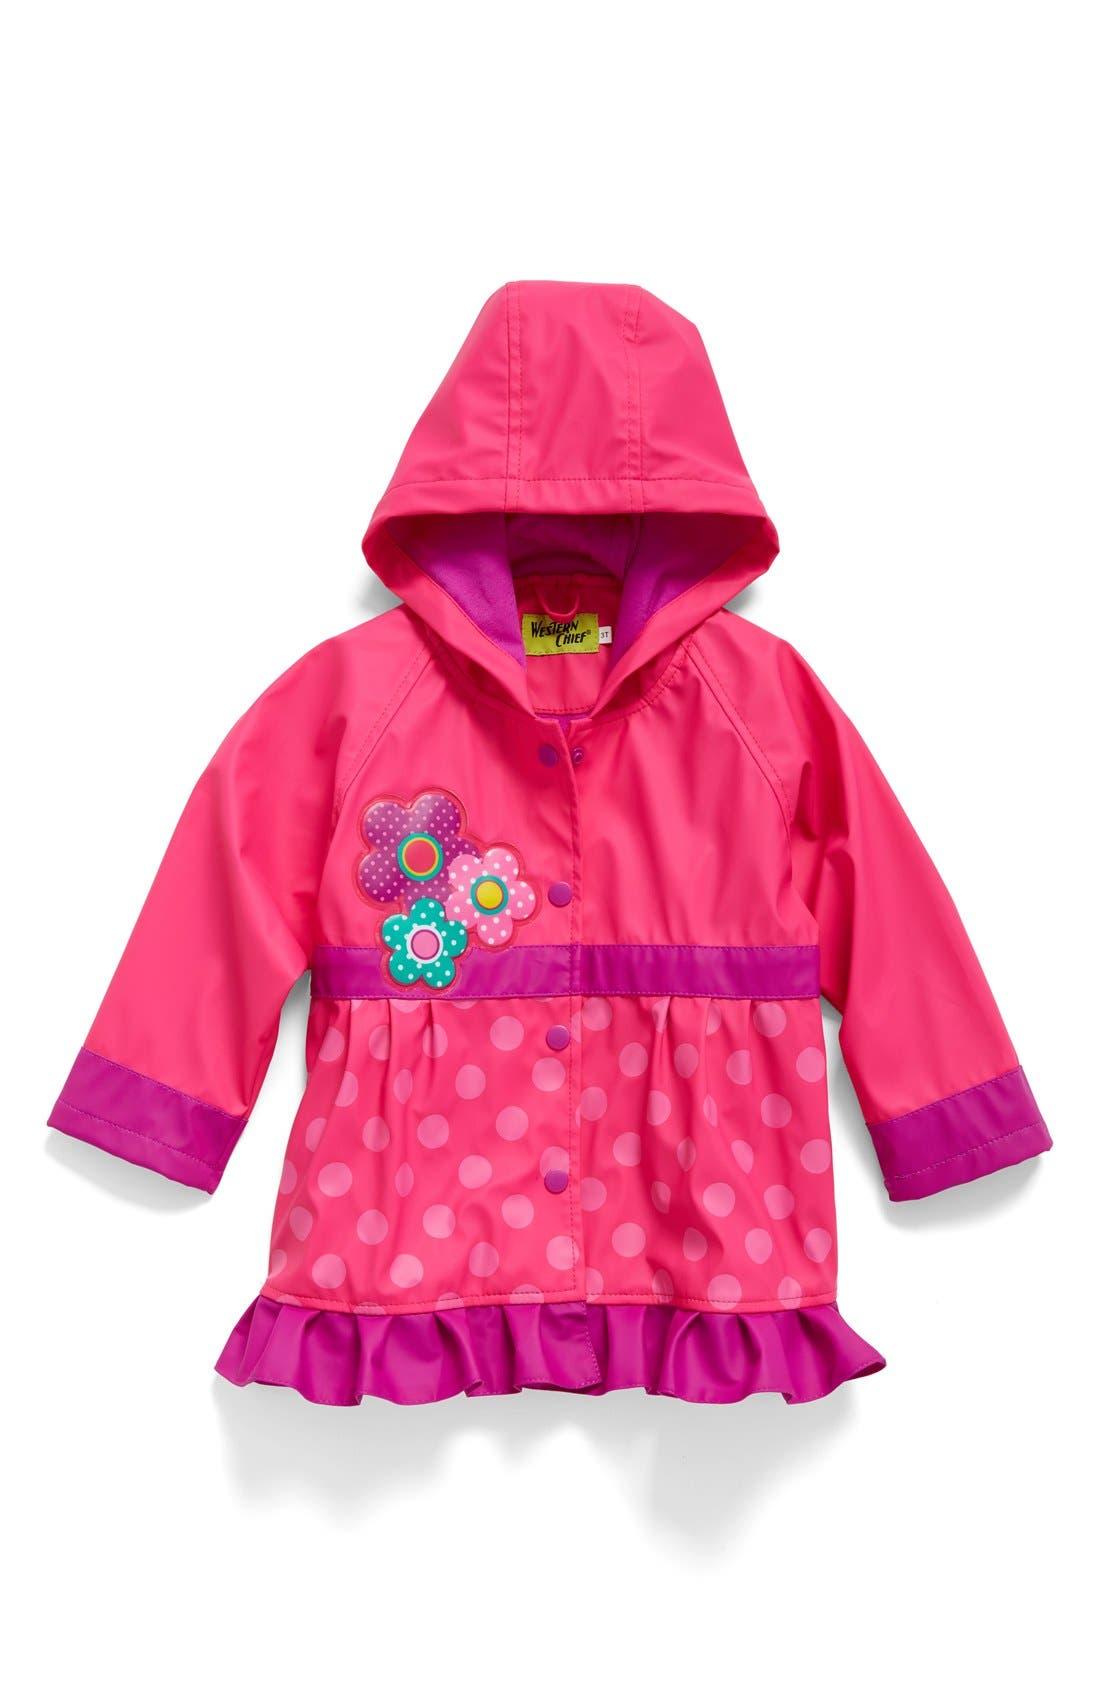 Flower Cutie Raincoat,                         Main,                         color, Pink